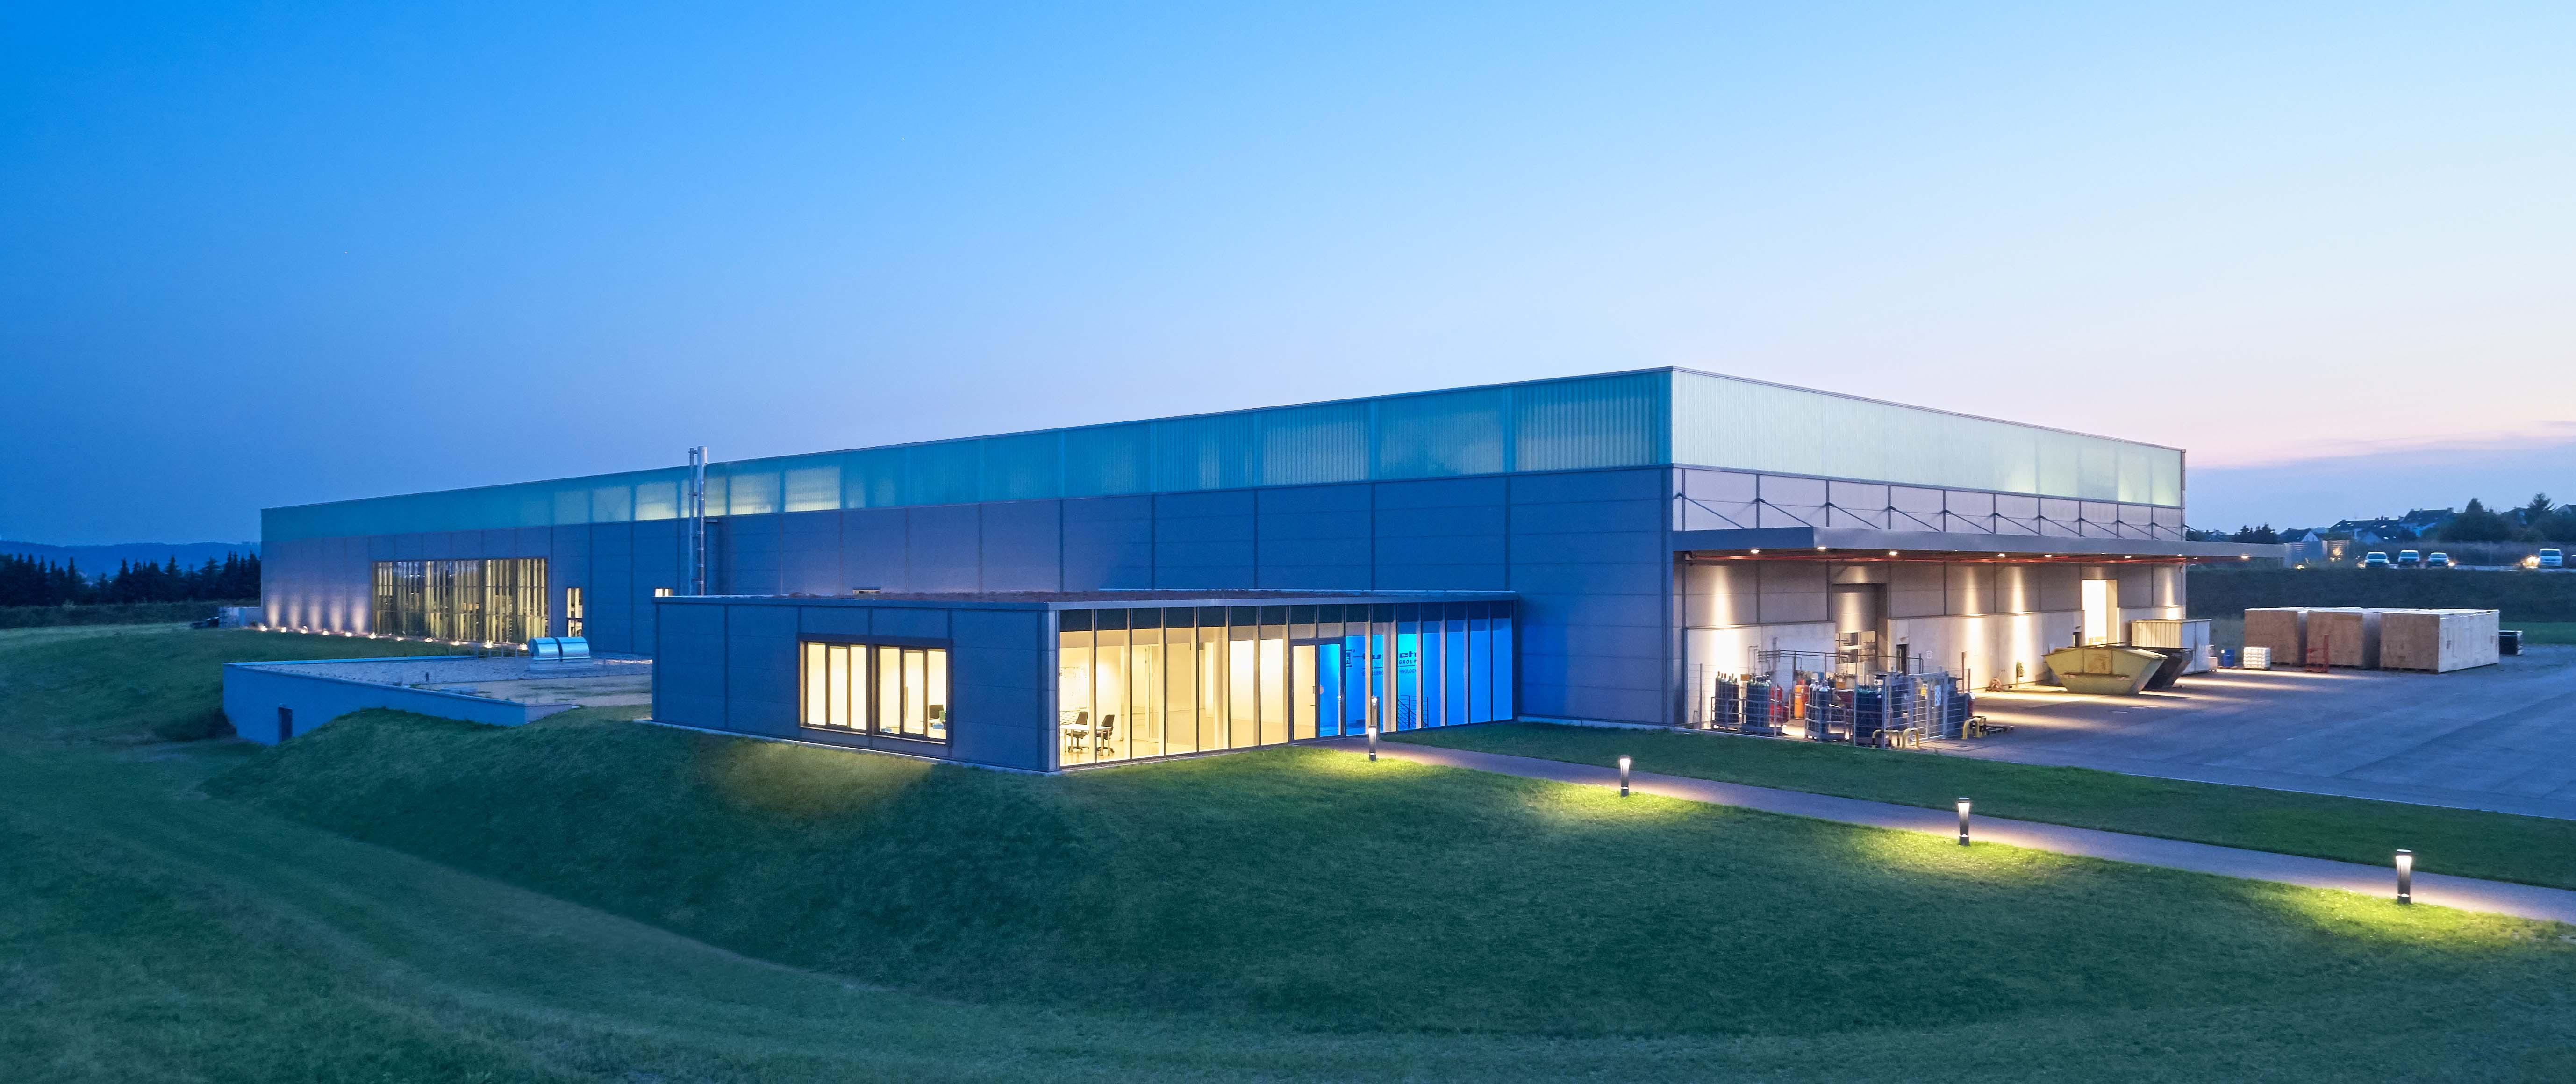 Gewerbebau, Neubau eines Industriestandortes, Putsch GmbH, Architekturbüro Schönborn+ Hölscher